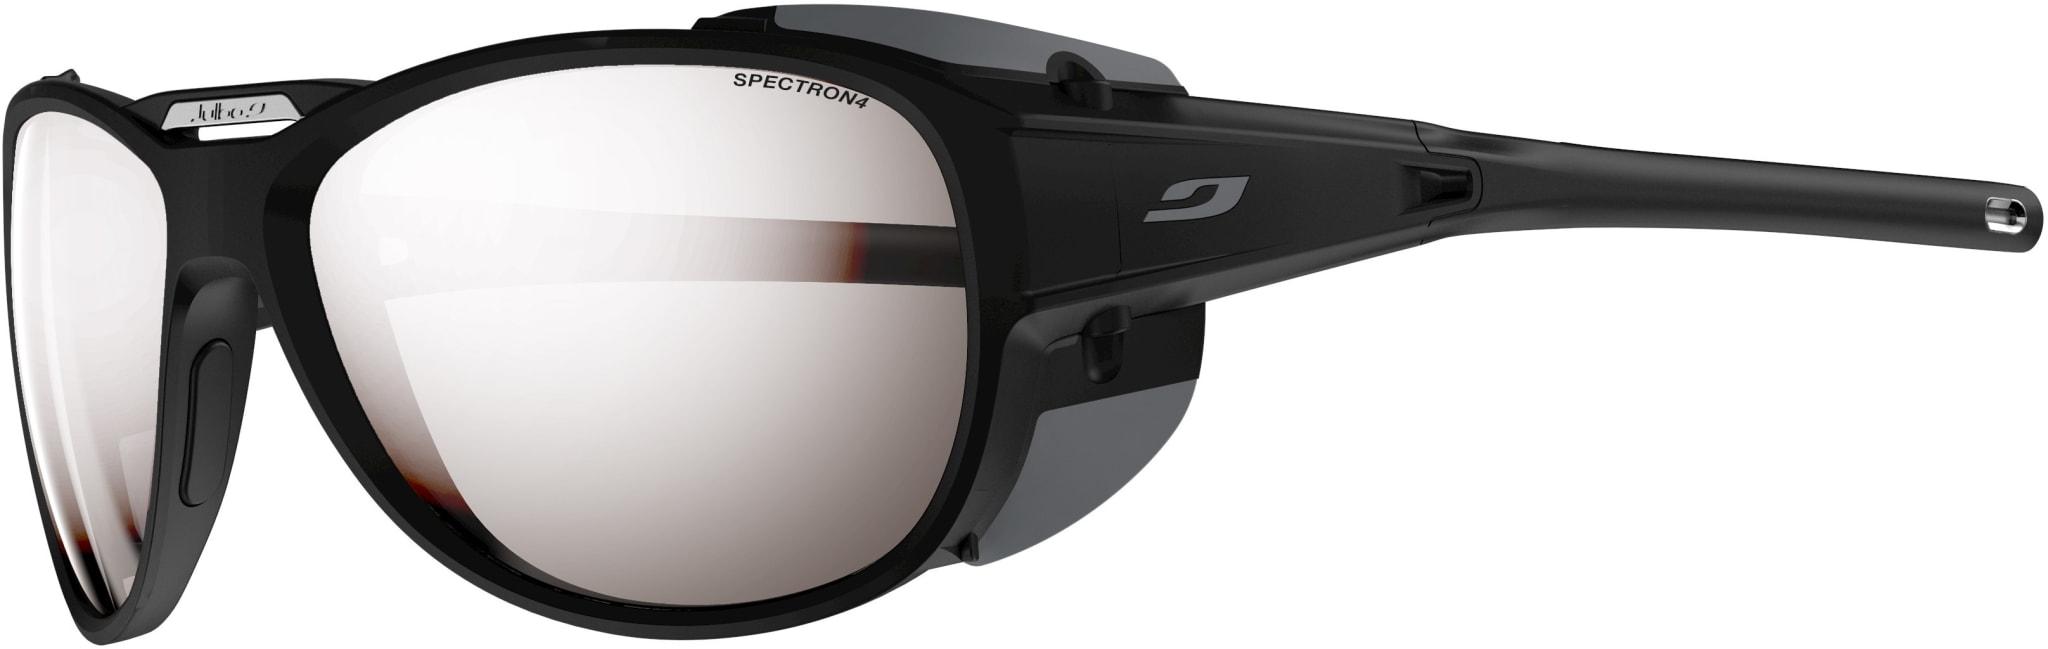 Lett brille med kategori 4 linser og avtagbare sidebeskyttere!